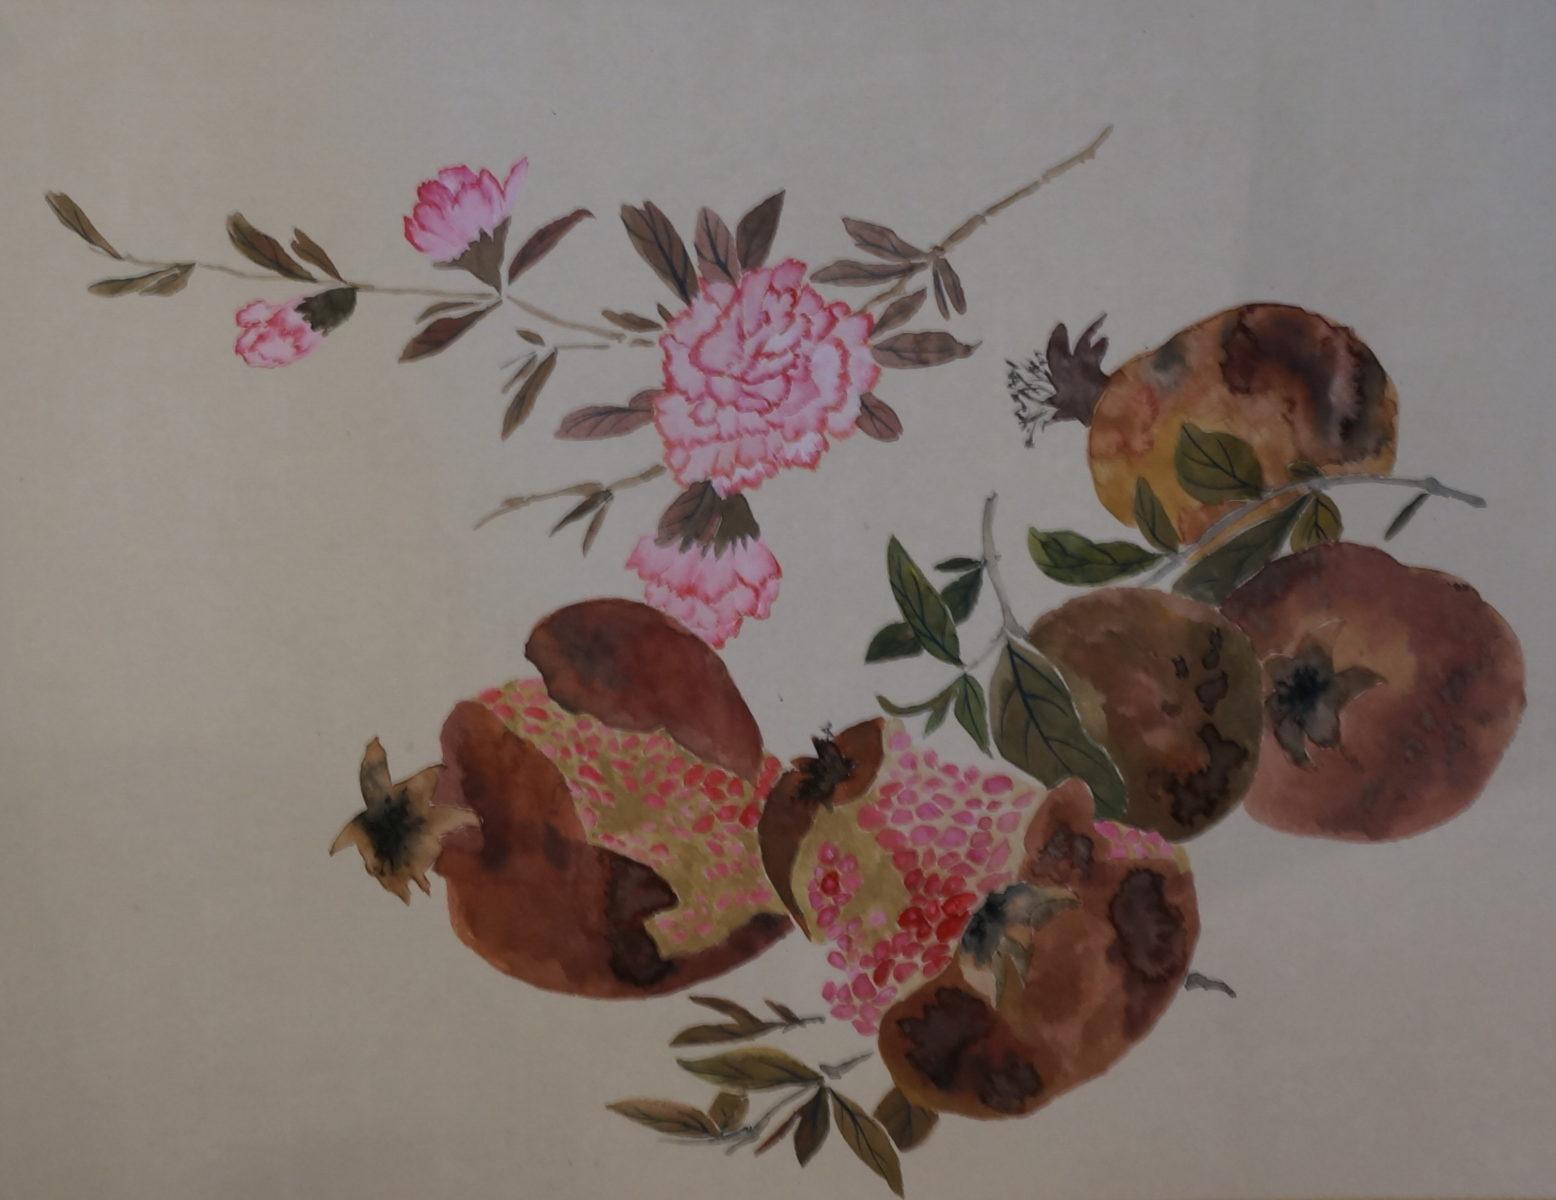 Выставка картин «Сказки Поднебесной» – события на сайте «Московские Сезоны»